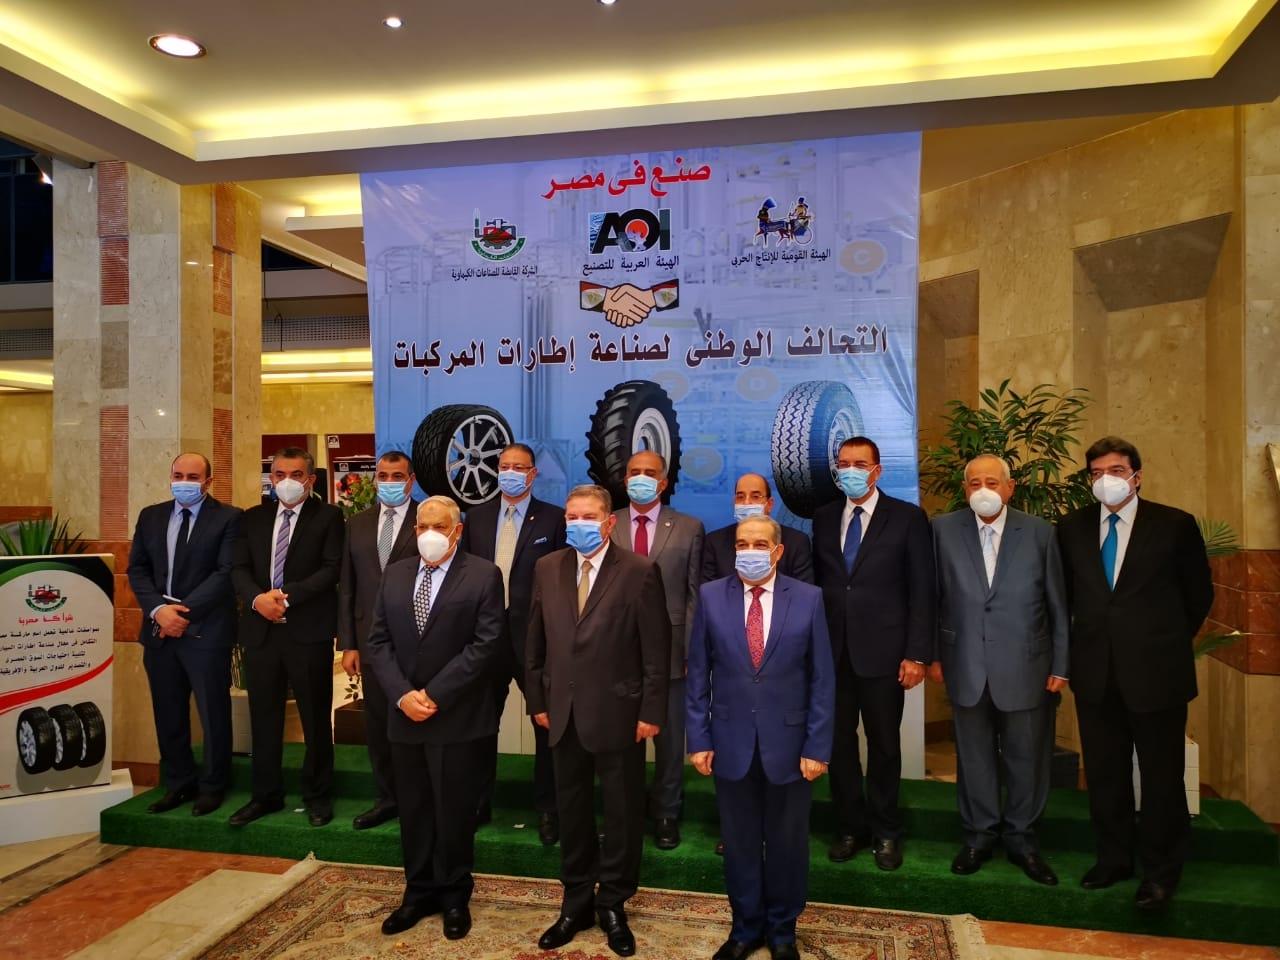 تحالف بين الأعمال والإنتاج الحربي والعربية للتصنيع لإنتاج إطارات المركبات 2